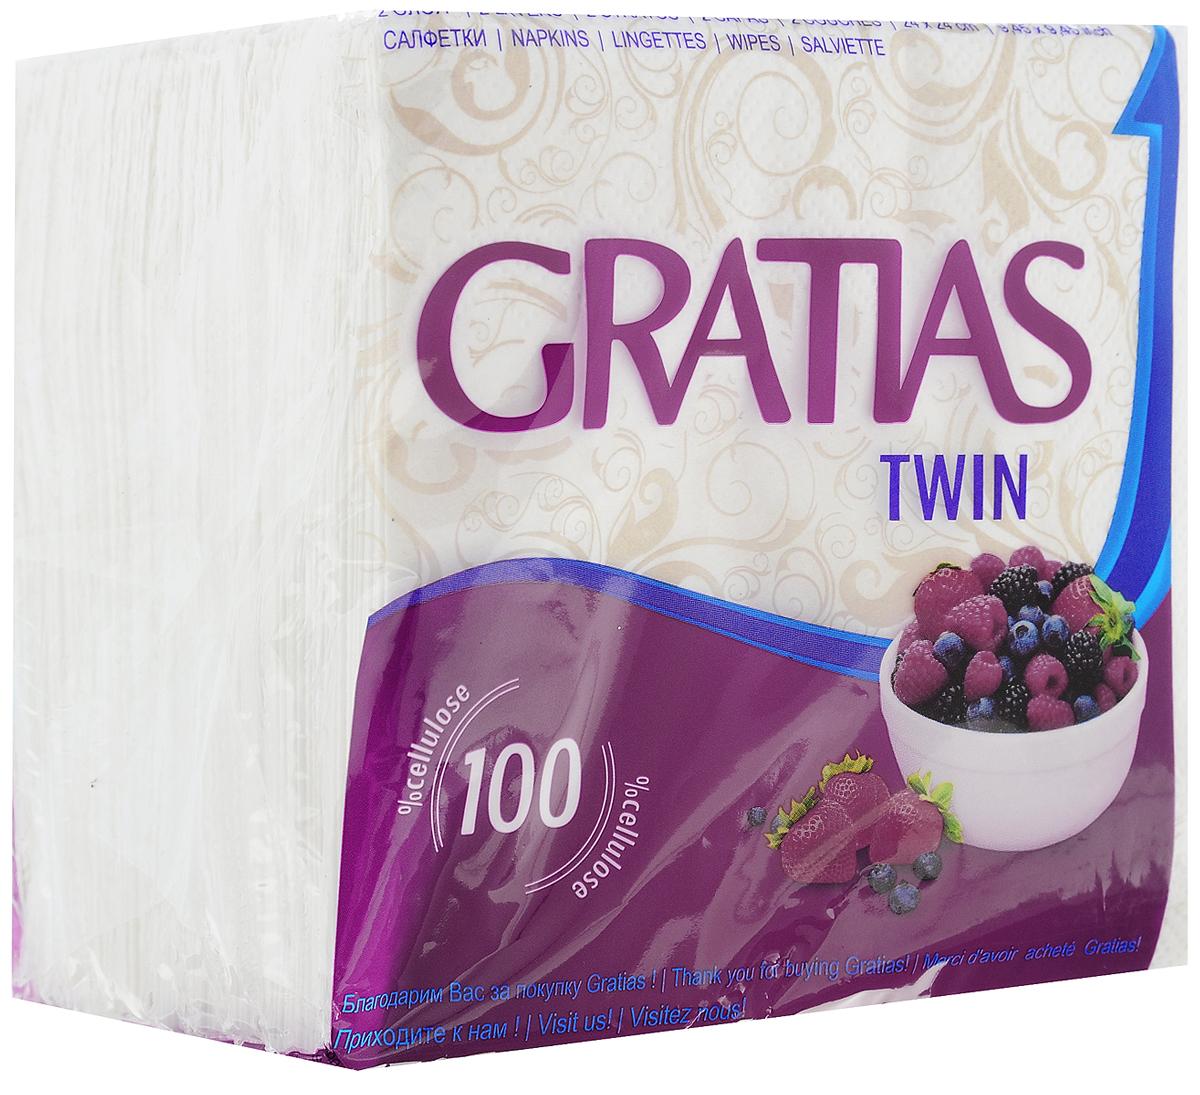 Салфетки бумажные Gratias Twin, двухслойные, 24 х 24 см, 90 штRC-100BPCДвухслойные бумажные салфетки Gratias Twin, выполненные из натуральной целлюлозы, станут отличным дополнением праздничного стола. Они отличаются необычной мягкостью и прочностью. Салфетки красиво оформят сервировку стола. Размер салфеток: 24 х 24 см.